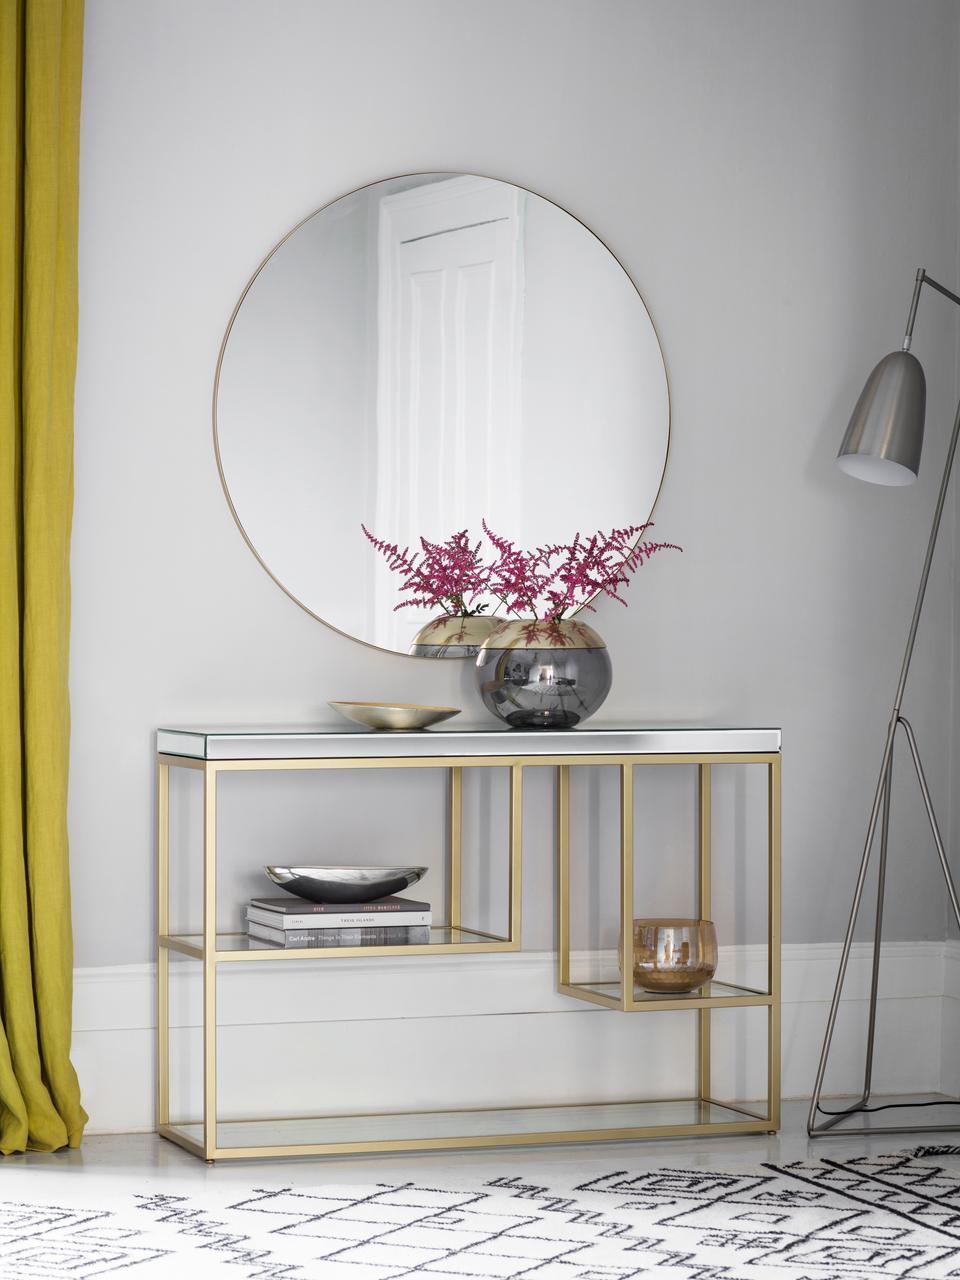 Konsole Pippard mit Glasplatten, Gestell: Metall, lackiert, Ablagefläche: Spiegelglas, Champagnerfarben, Transparent, B 120 x T 36 cm